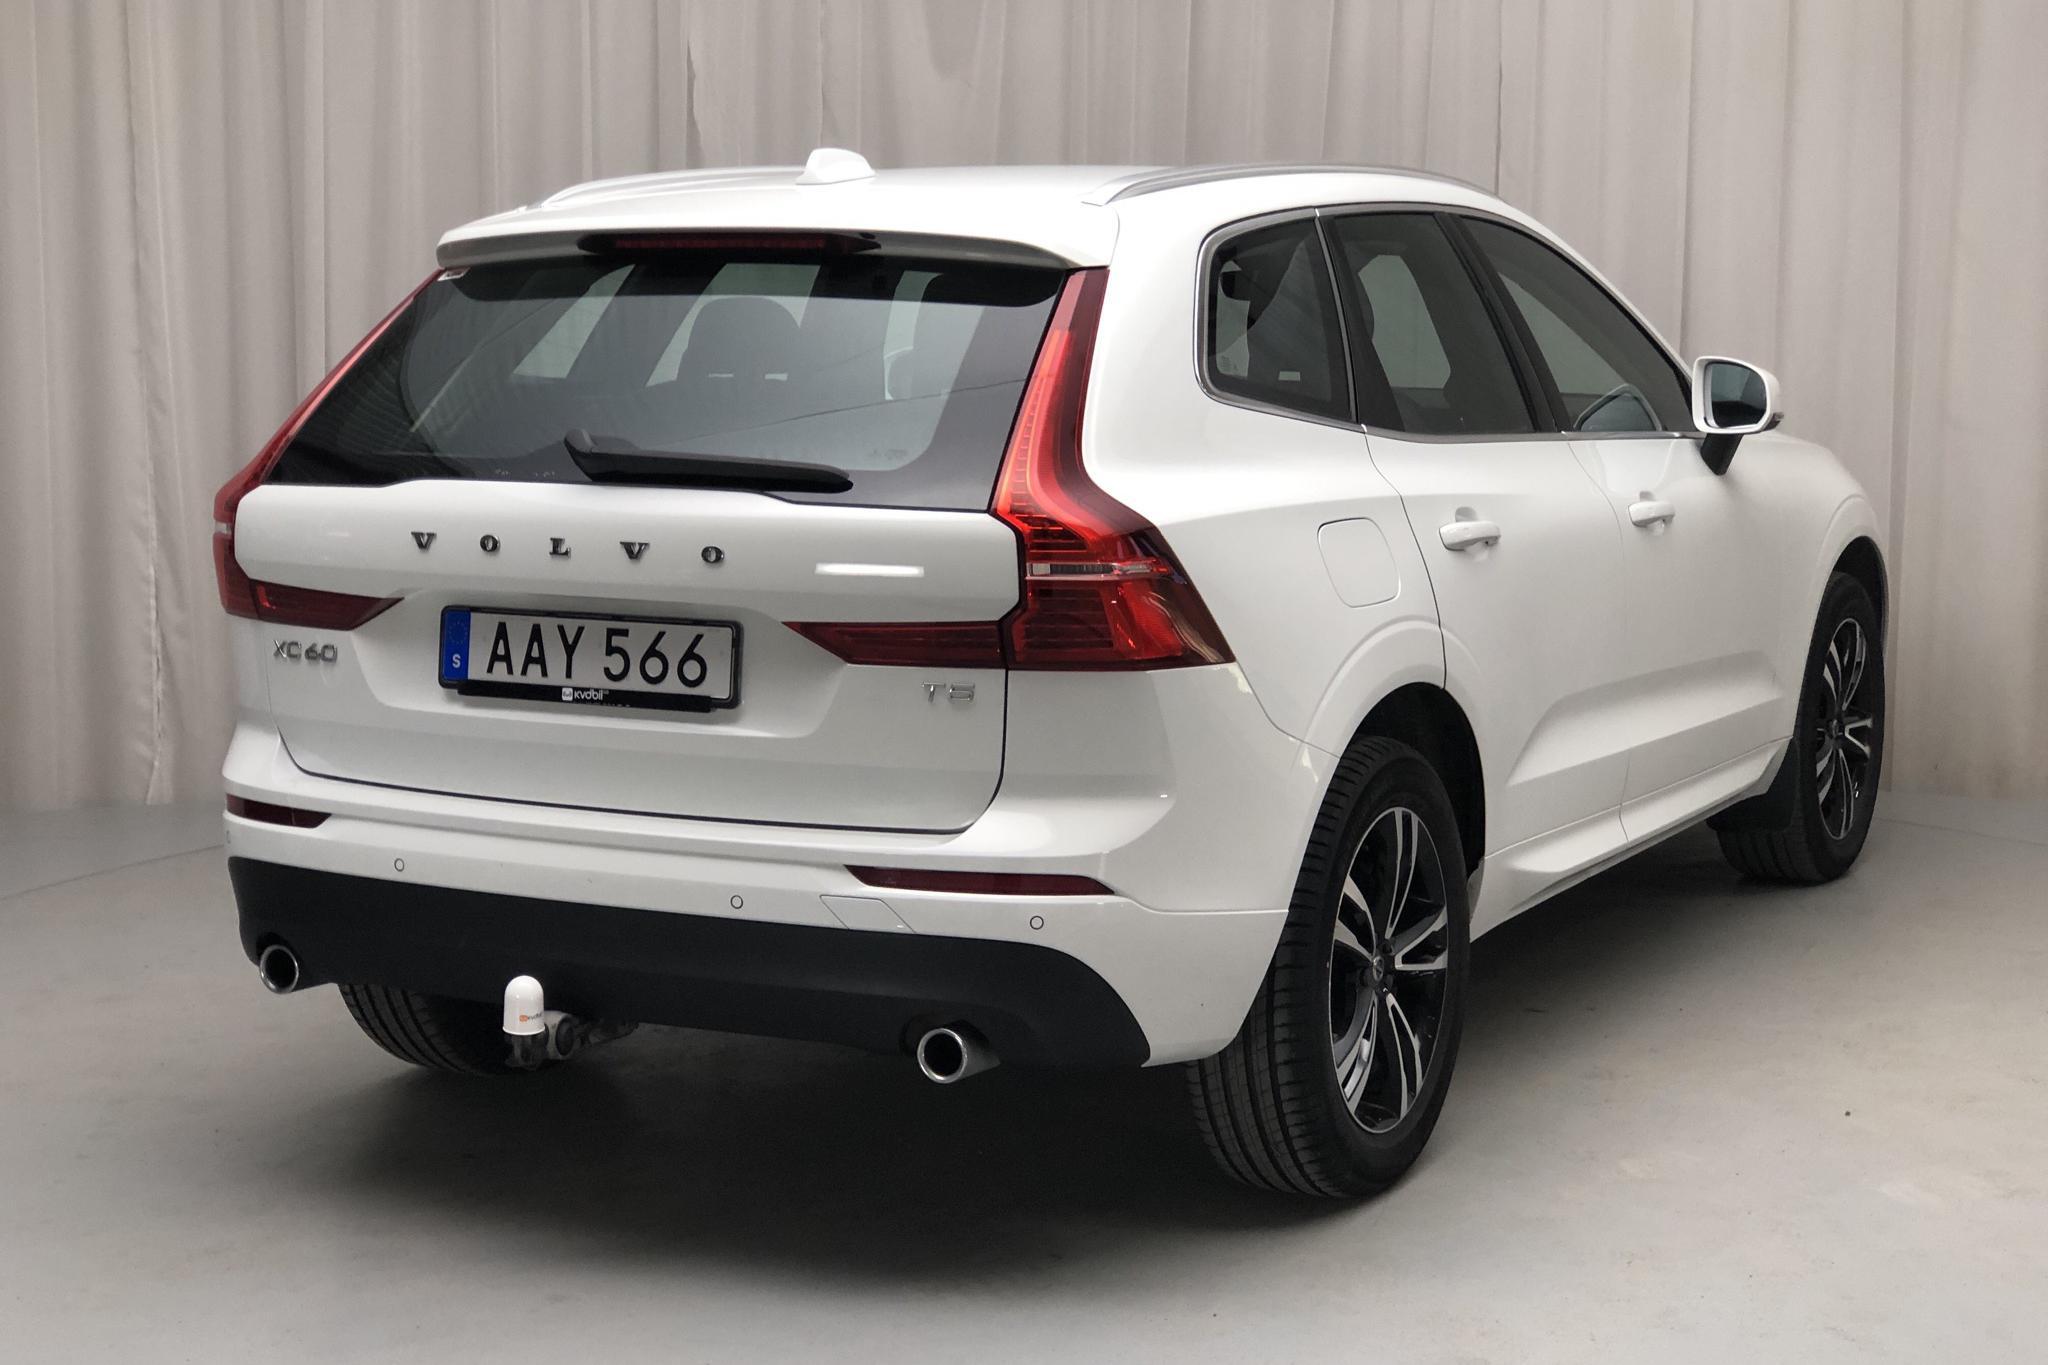 Volvo XC60 T5 2WD (254hk) - 6 549 mil - Automat - vit - 2018